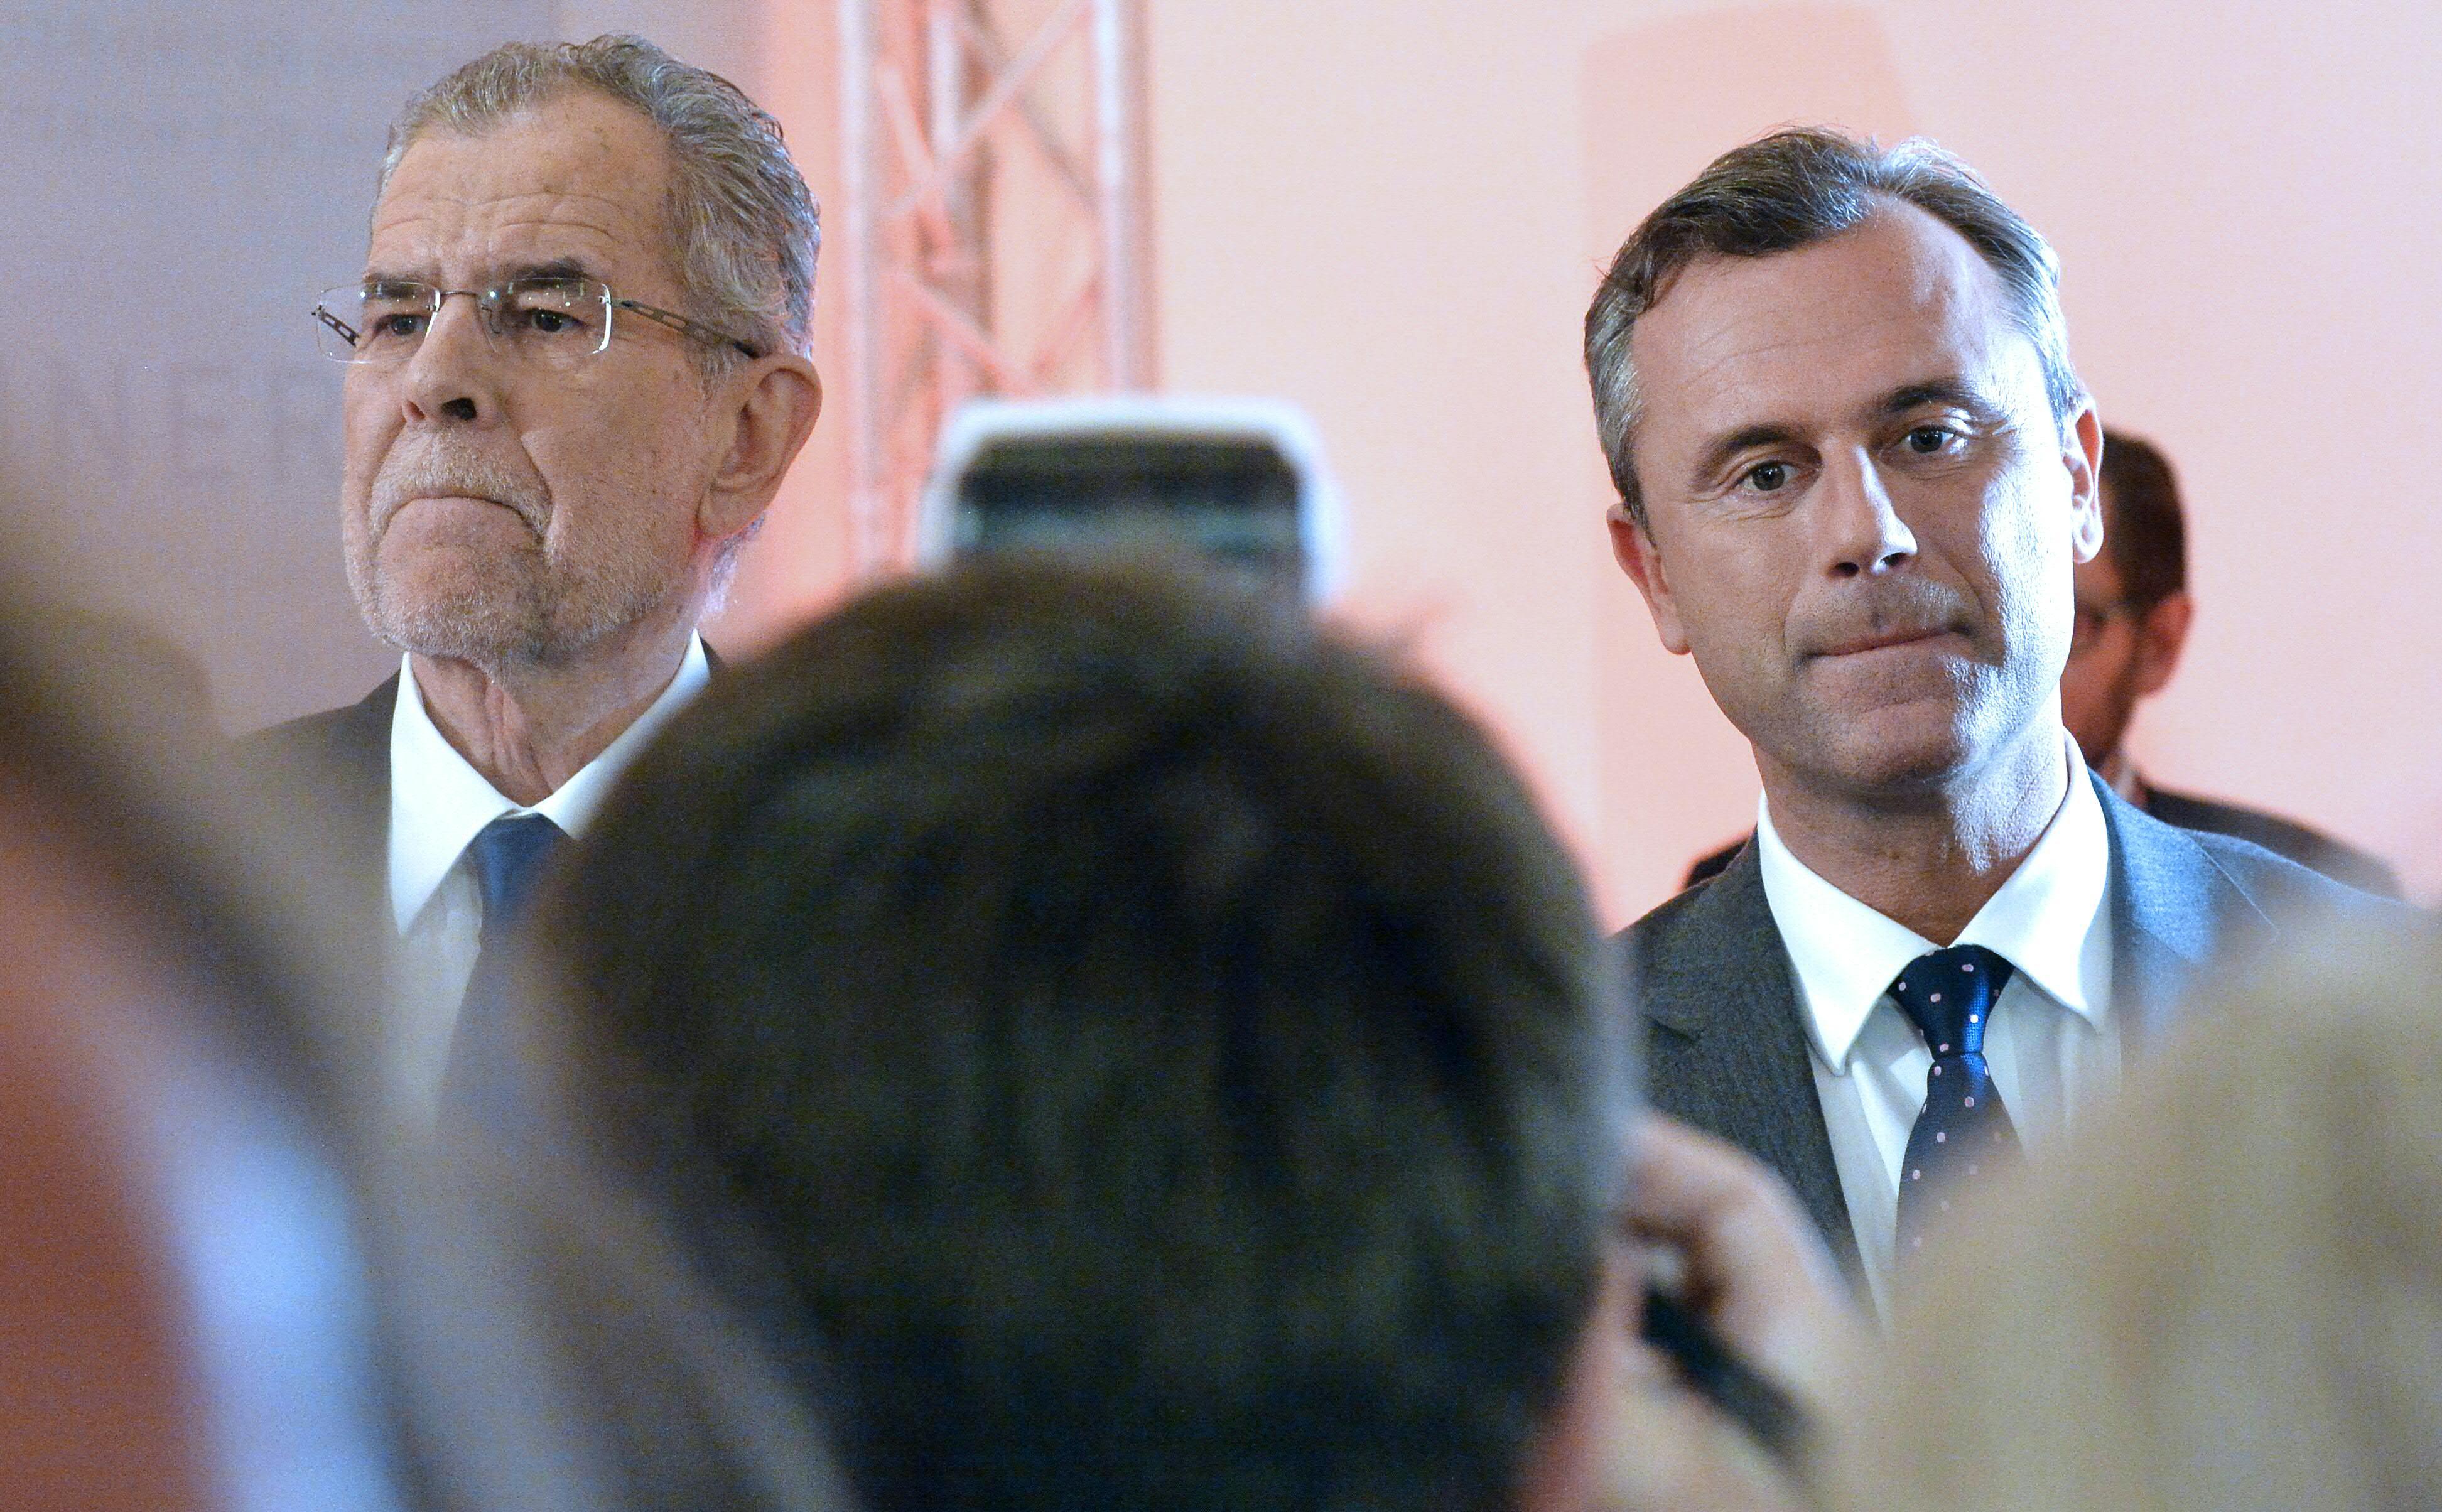 Ö-Präsidentenwahl wieder verschoben? Neue Blamage droht – Beschädigte Wahlkarten verschickt